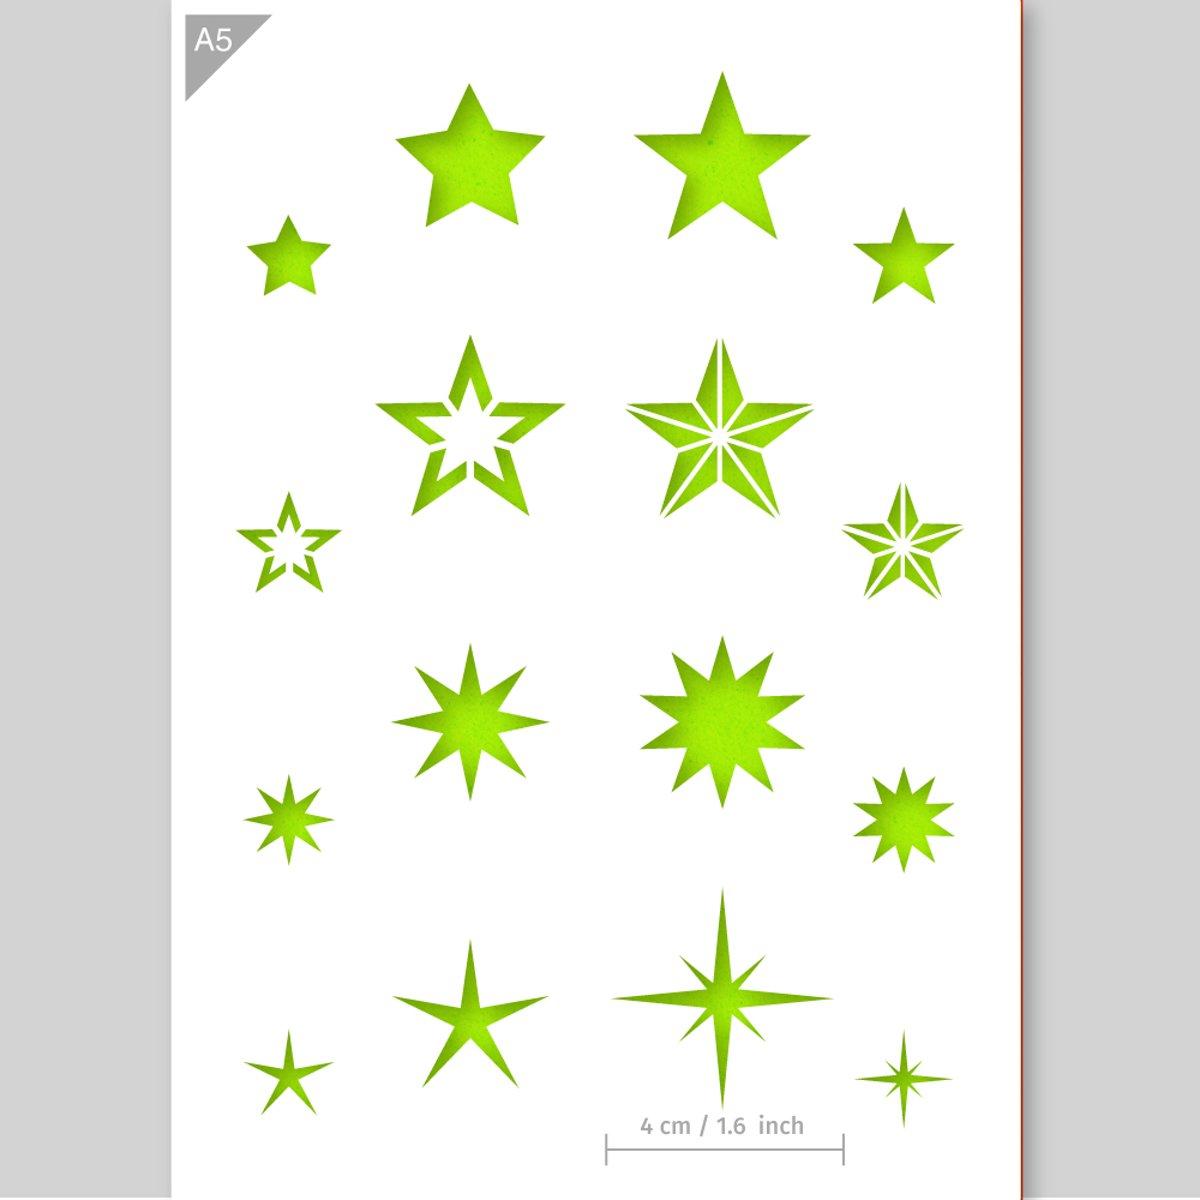 Sterren sjabloon - Kartonnen A5 stencil - Kindvriendelijk sjabloon geschikt voor graffiti, airbrush, schilderen, muren, meubilair, taarten en andere doeleinden kopen